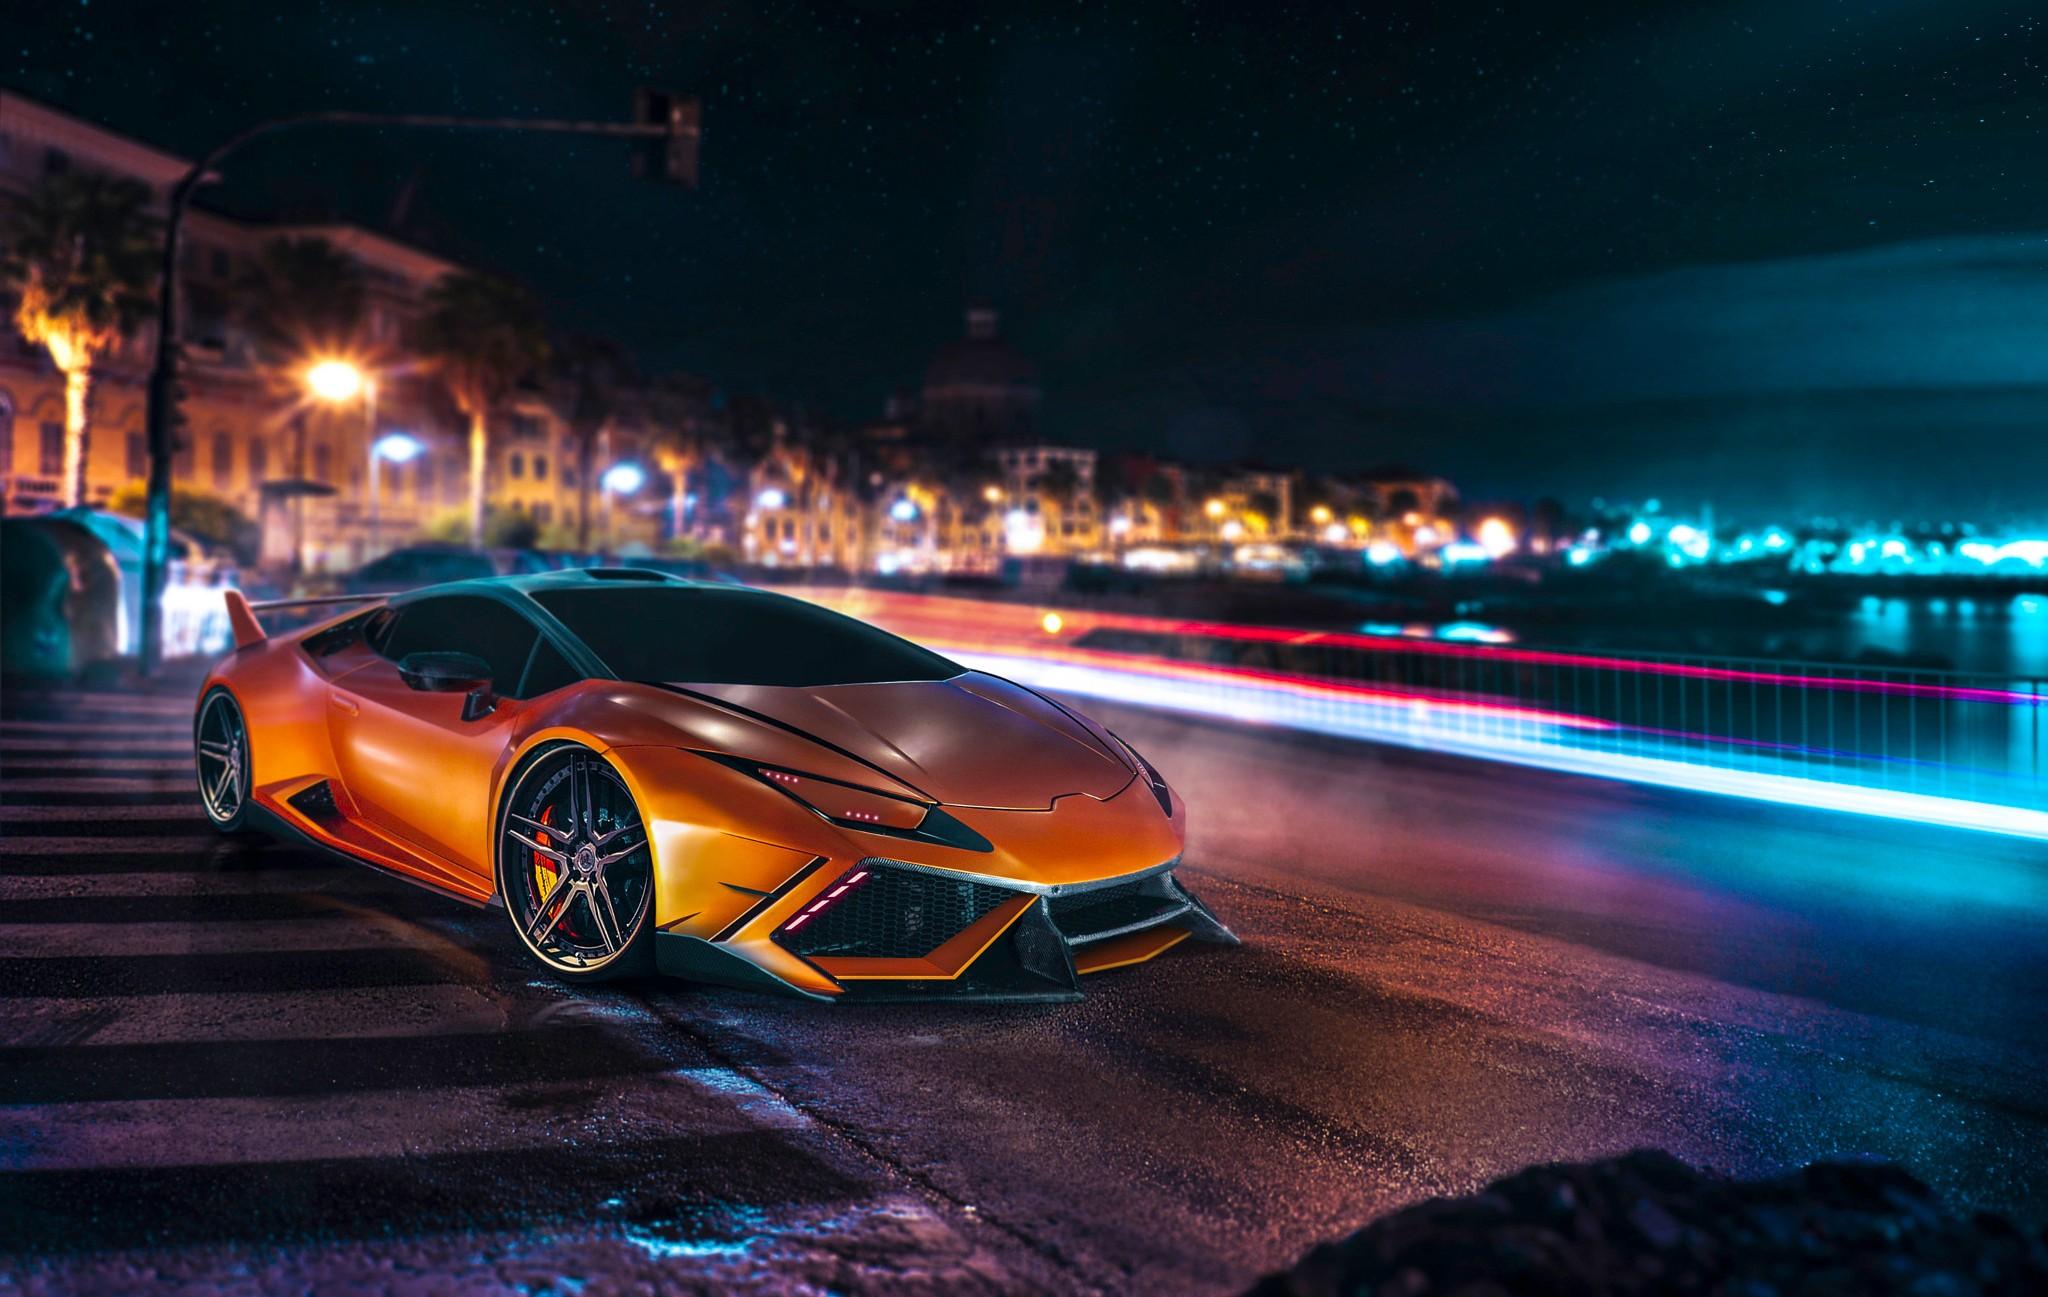 Full Hd Cute Love Wallpaper Lamborghini Huracan Full Hd Hd Cars 4k Wallpapers